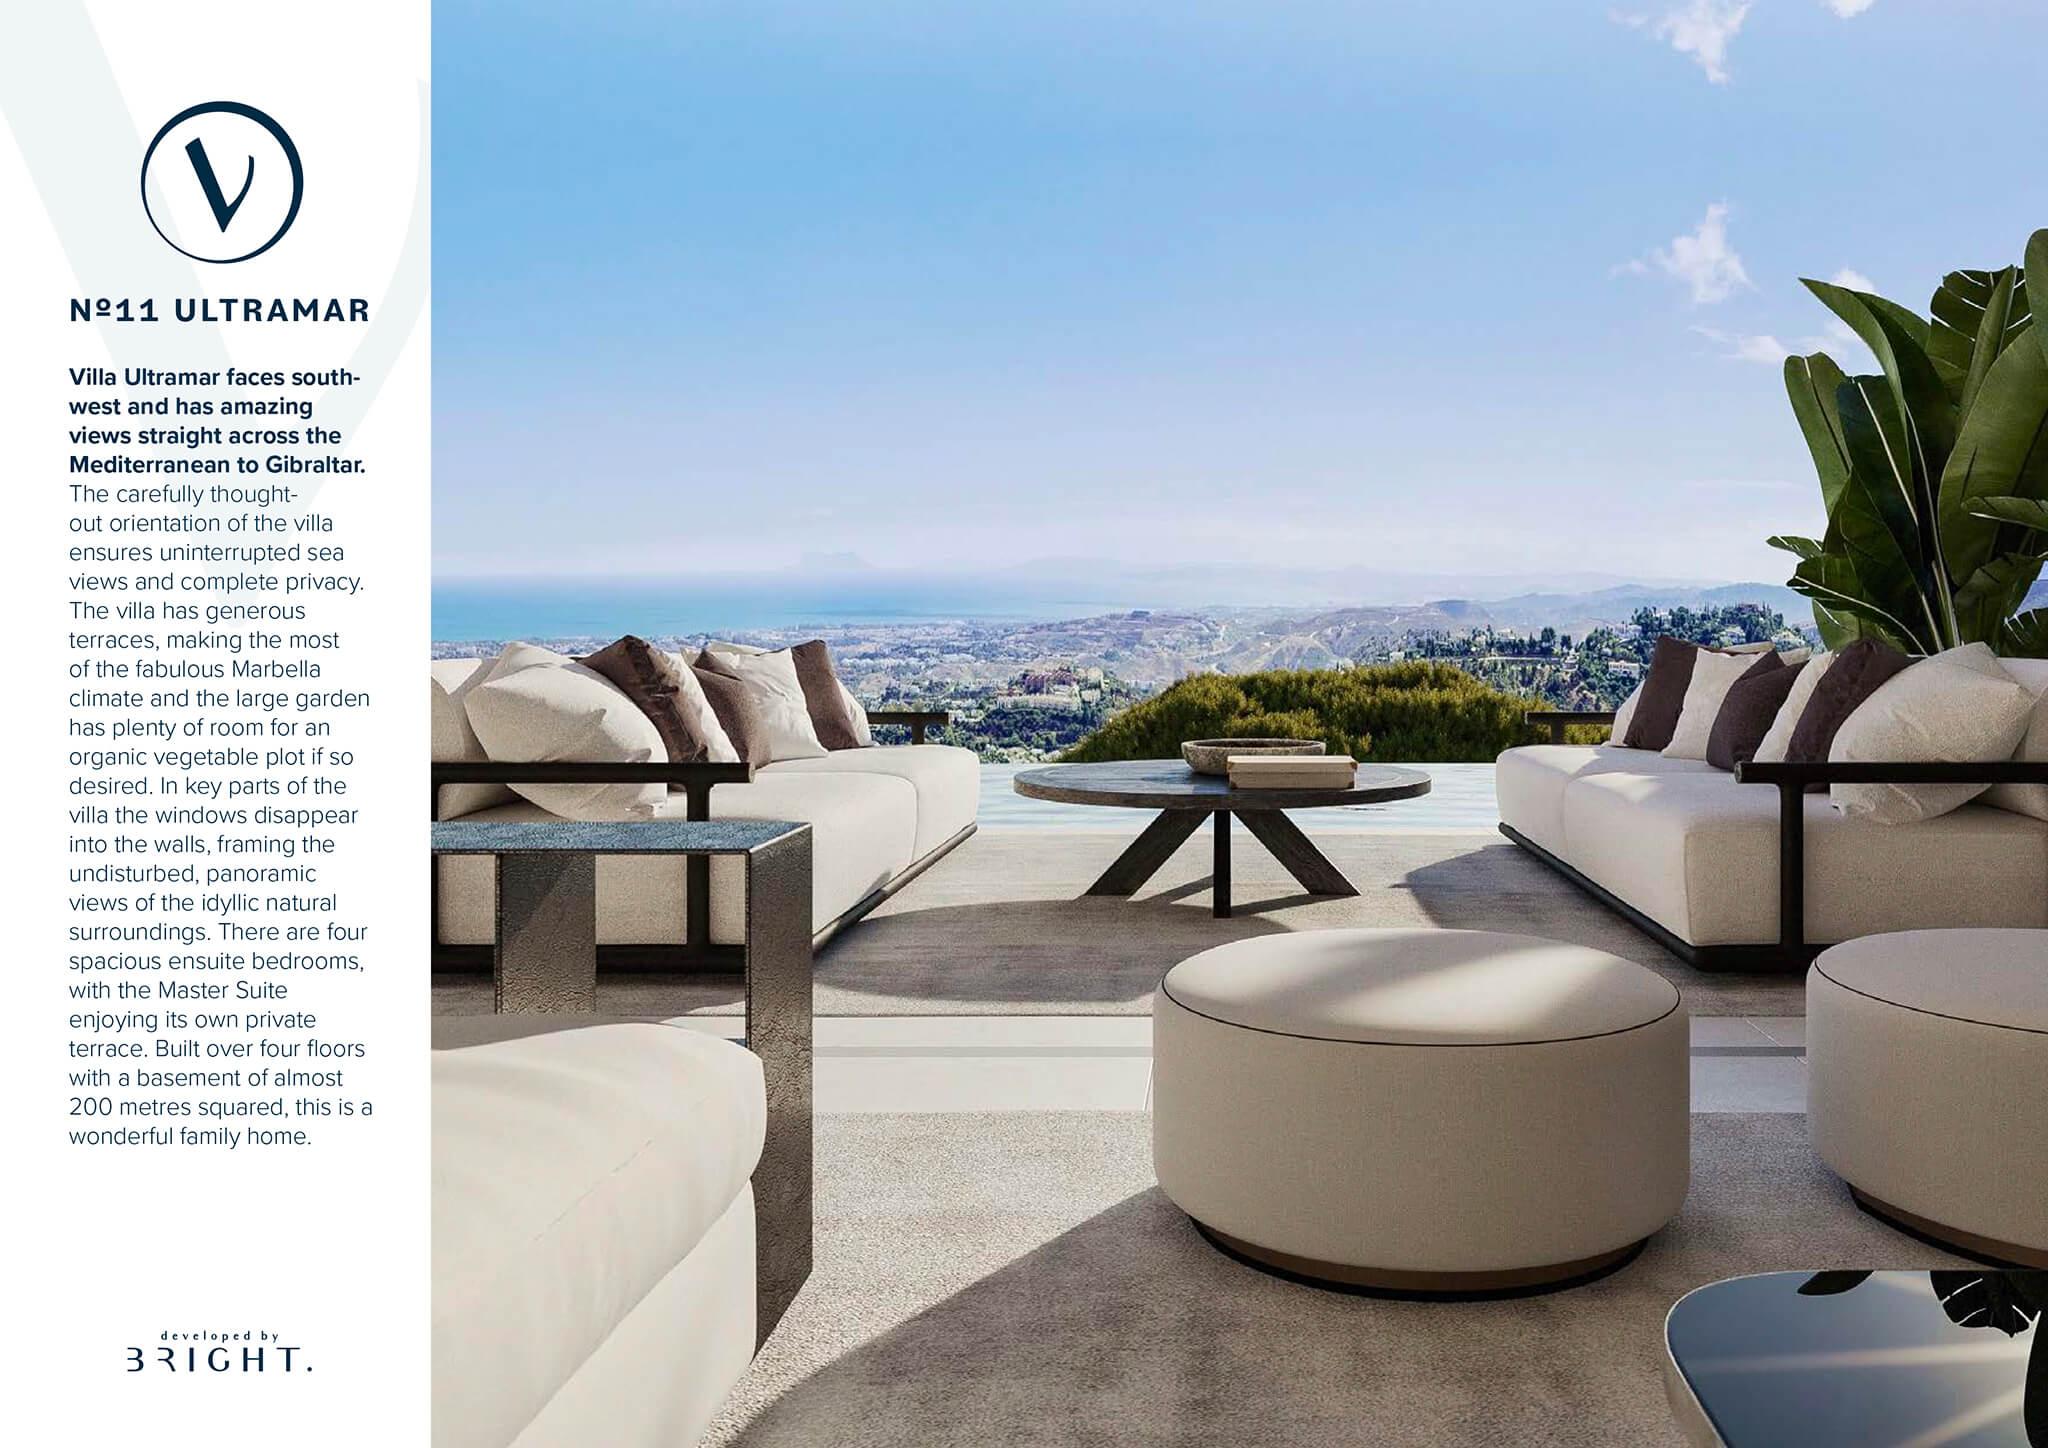 Vista Lago Residences Marbella - Villa Ultramar 11